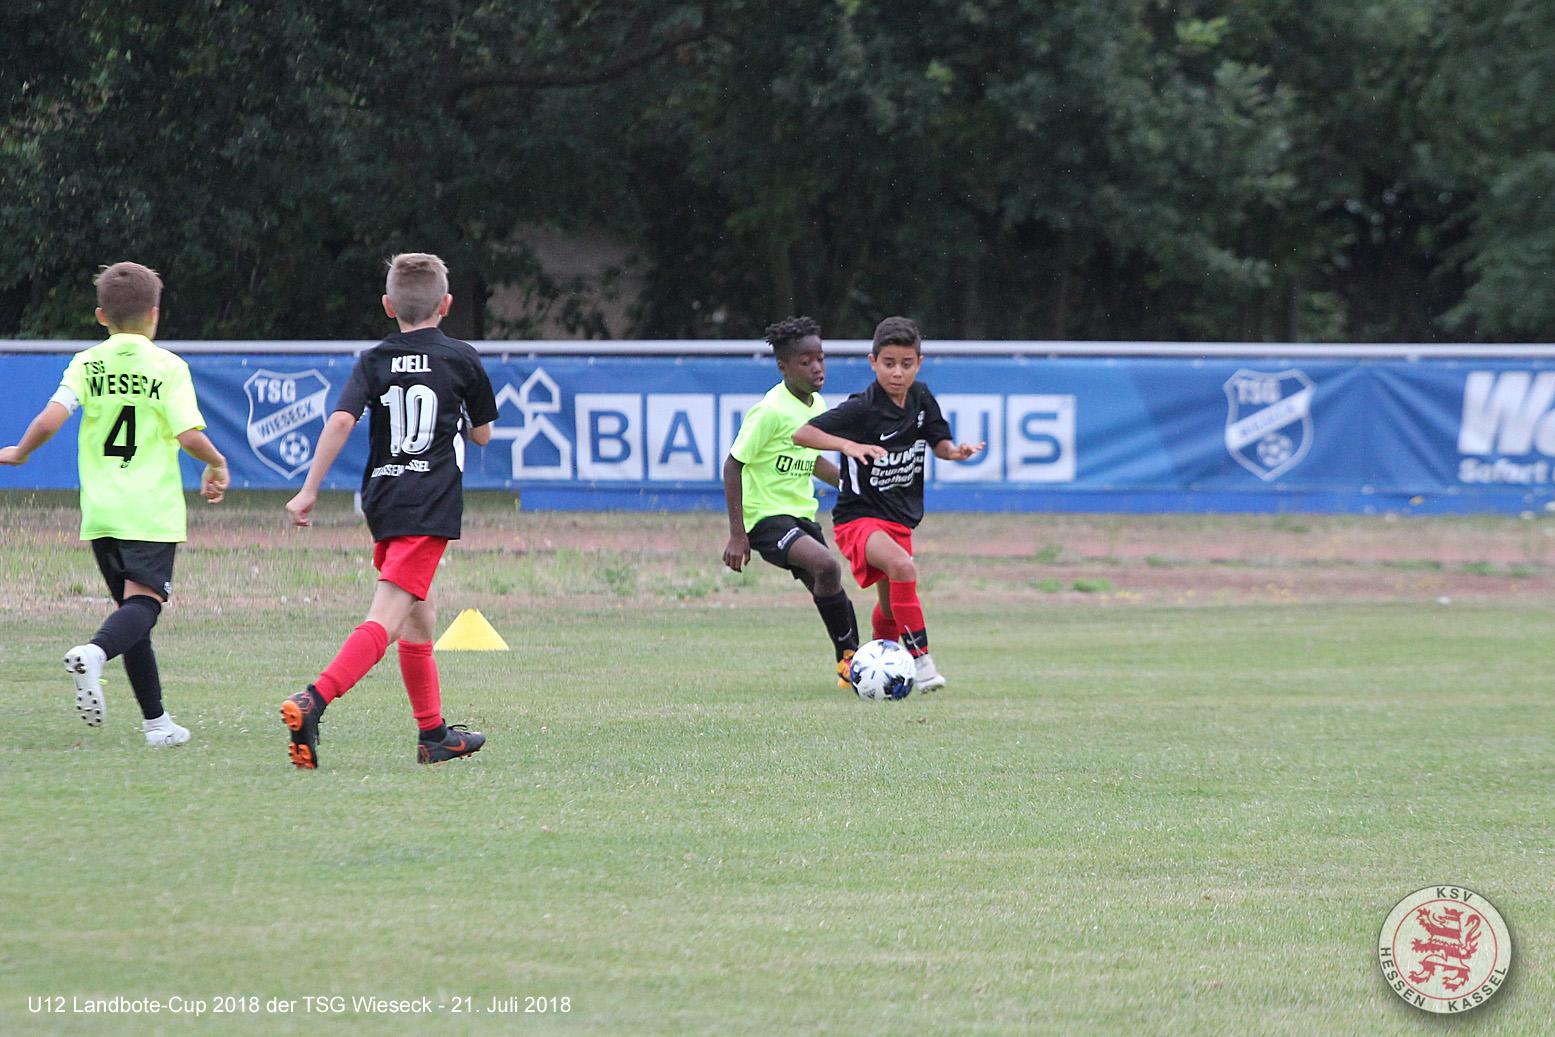 U12 Landbote Cup Wieseck